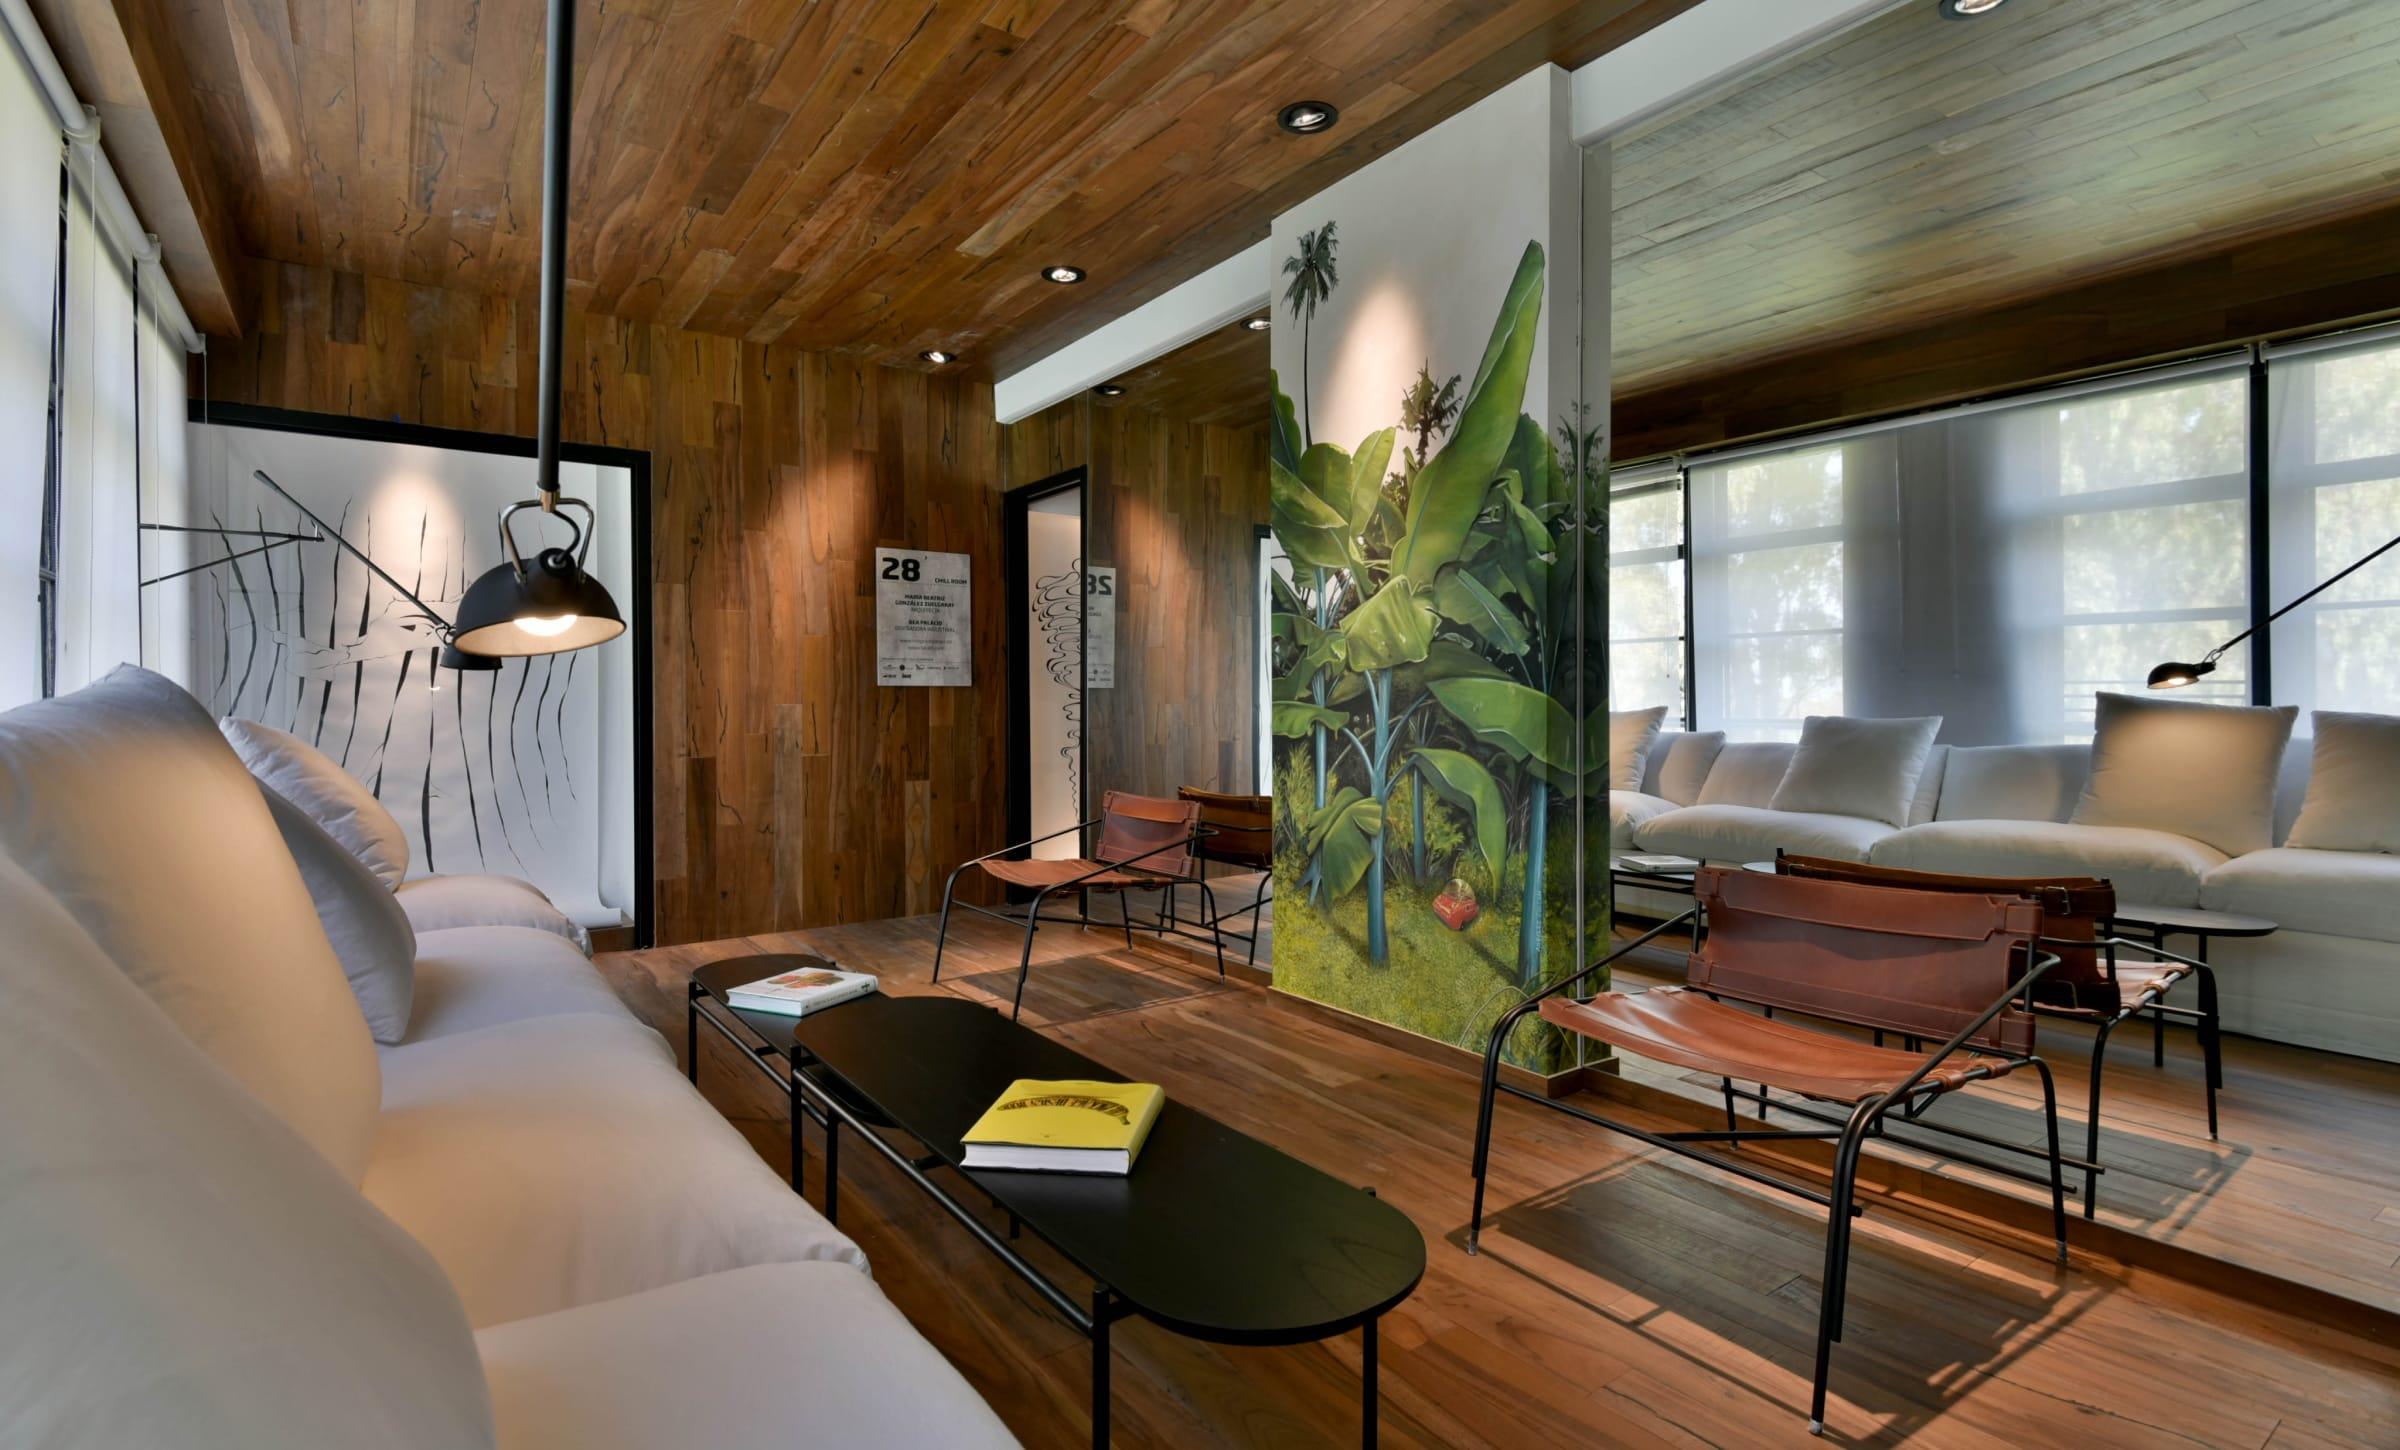 Chill Room,  María Beatriz González Zuelgaray, Casa FOA Círculo Olivos 2019. Un espacio flexible que transmite serenidad. Espejos para amplificar la sensación de profundidad y paneles decorativos corredizos para zonificar.